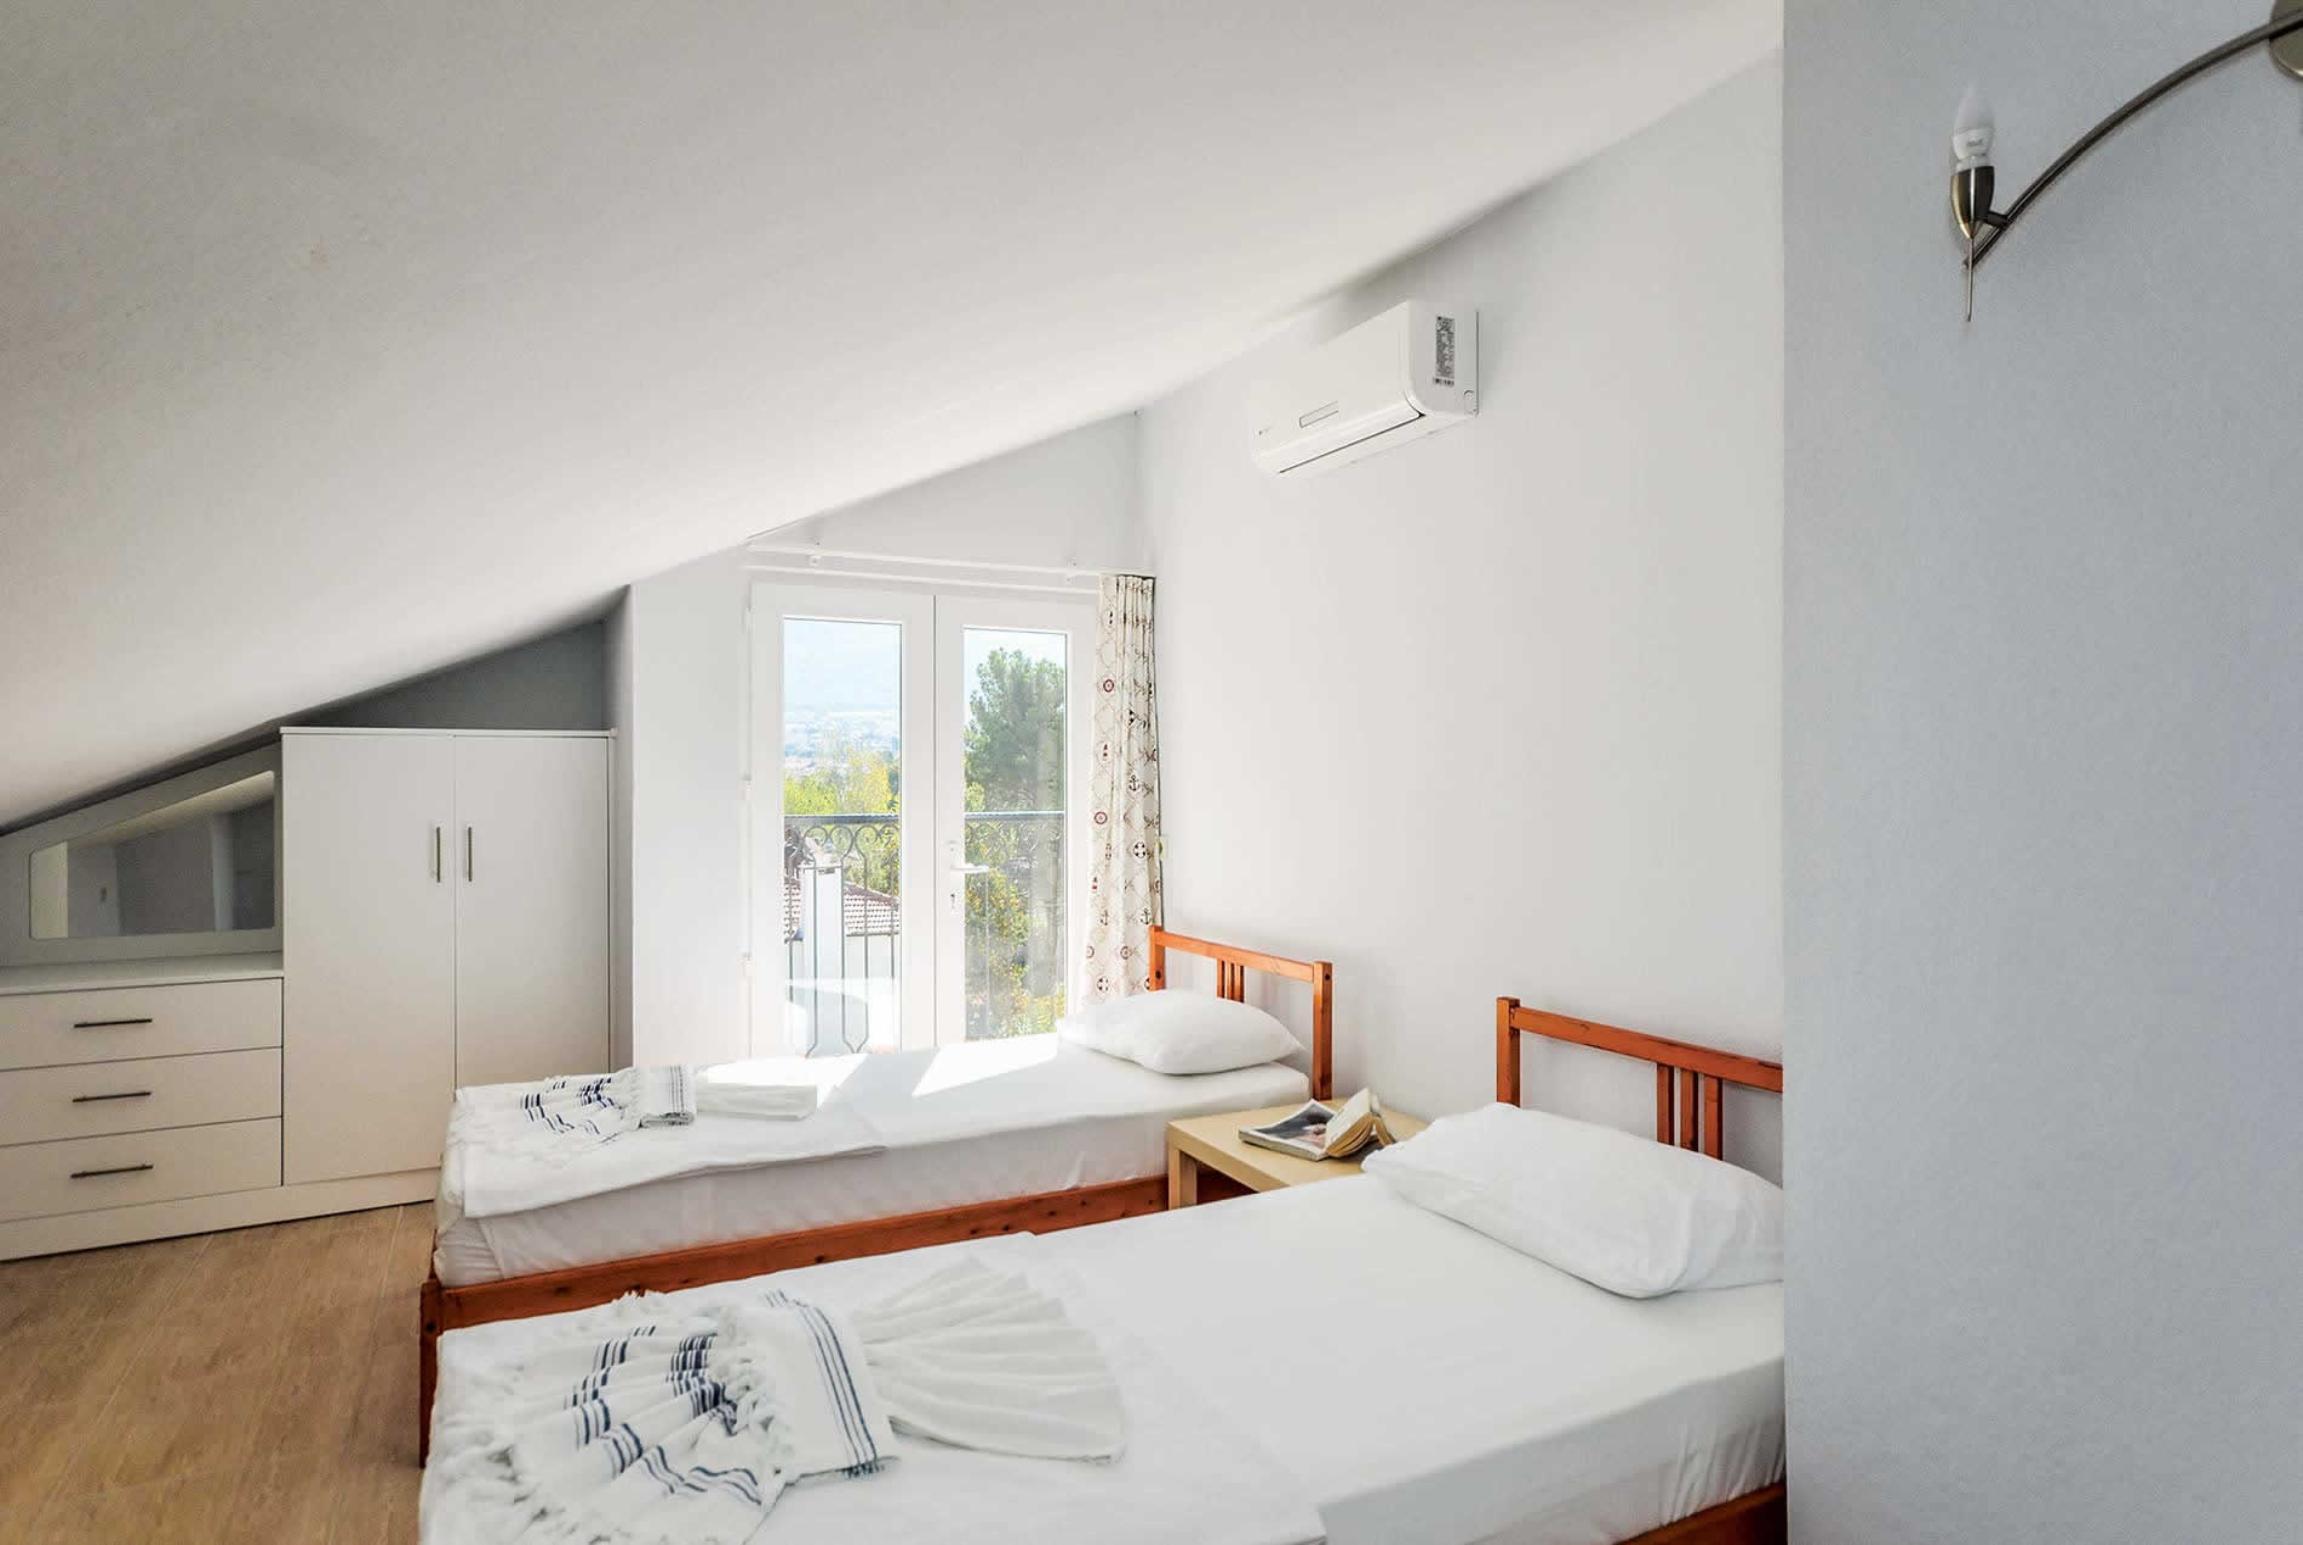 Maison de vacances Fidan (2649920), Ölüdeniz, , Région Egéenne, Turquie, image 8